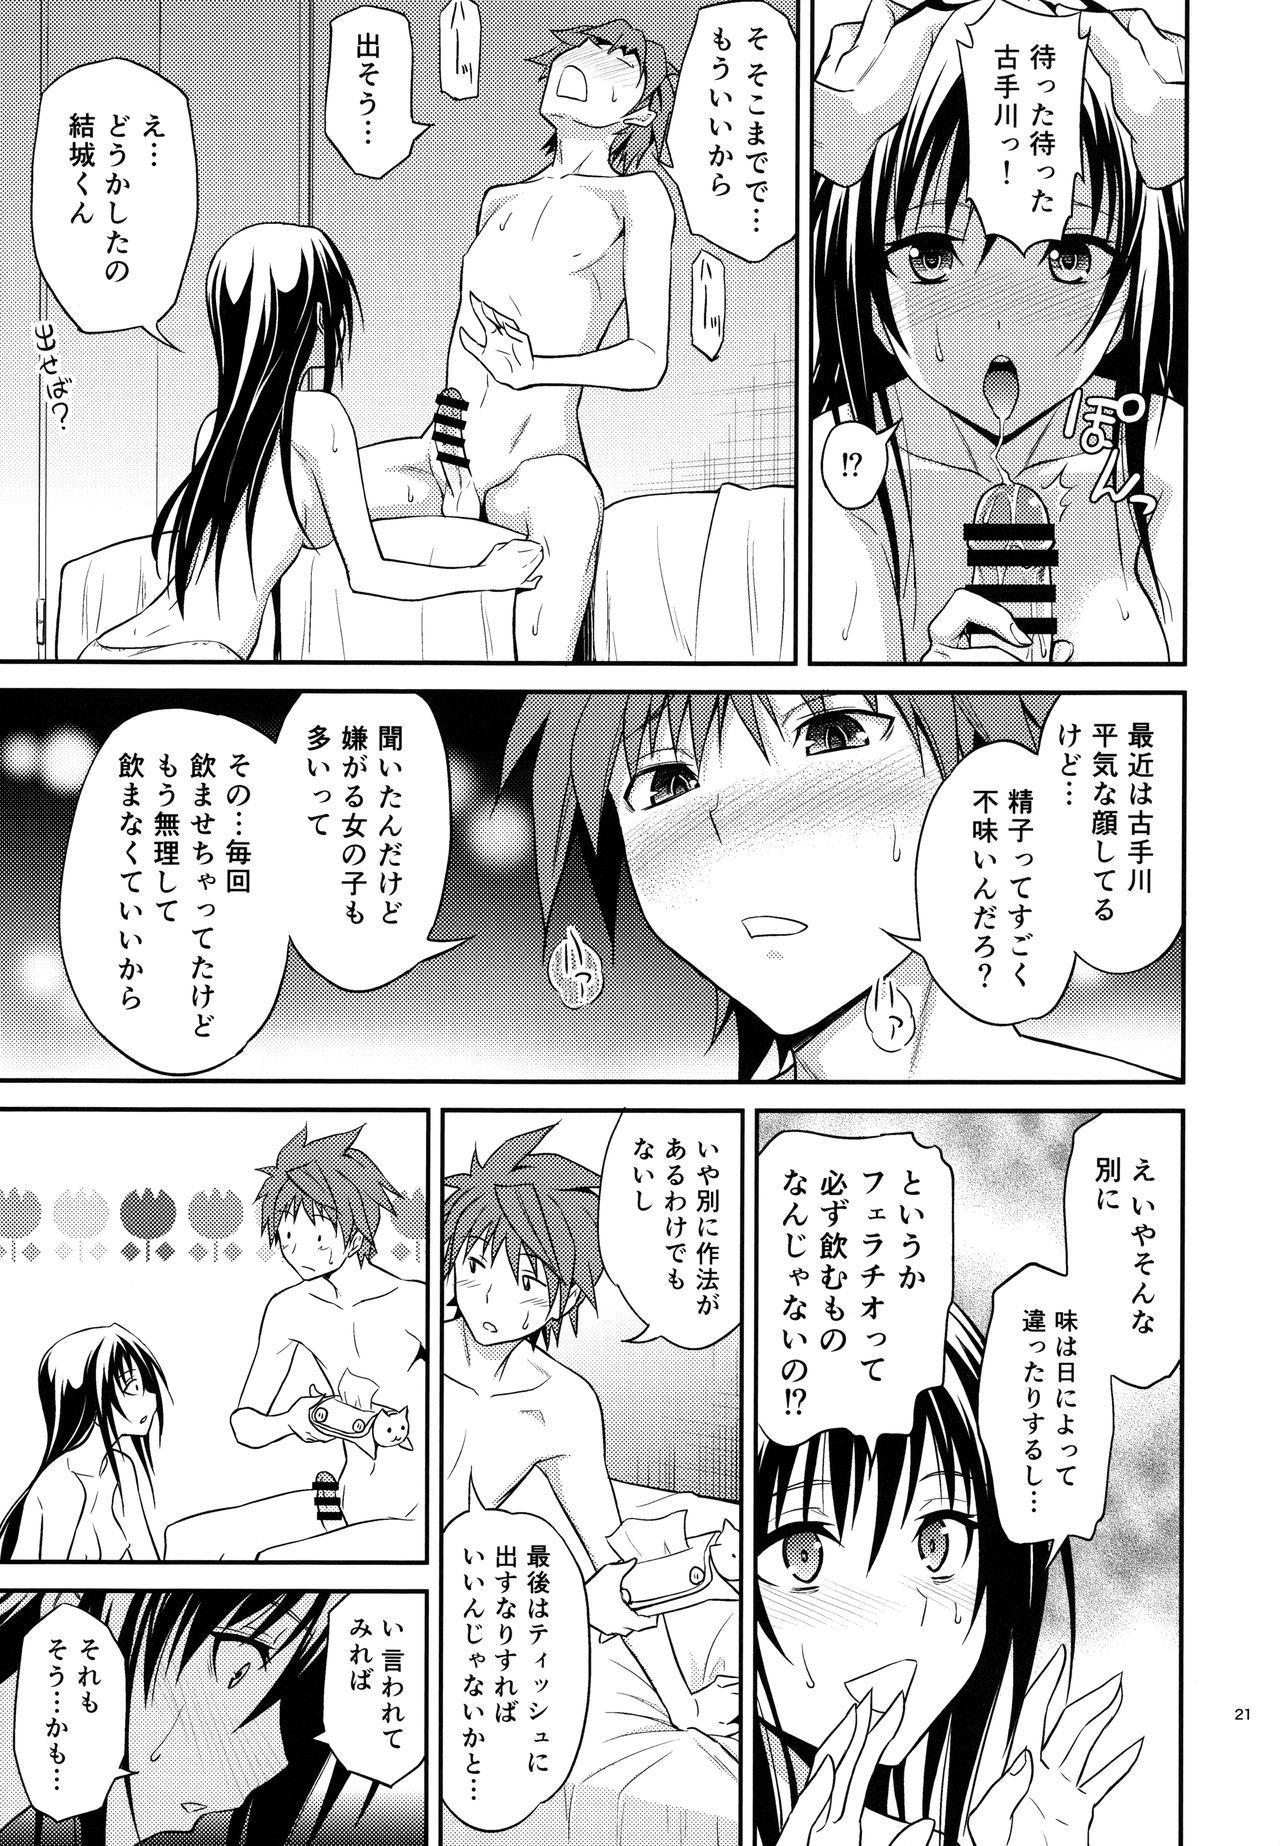 Watashi renchi yabutte suteru. 20